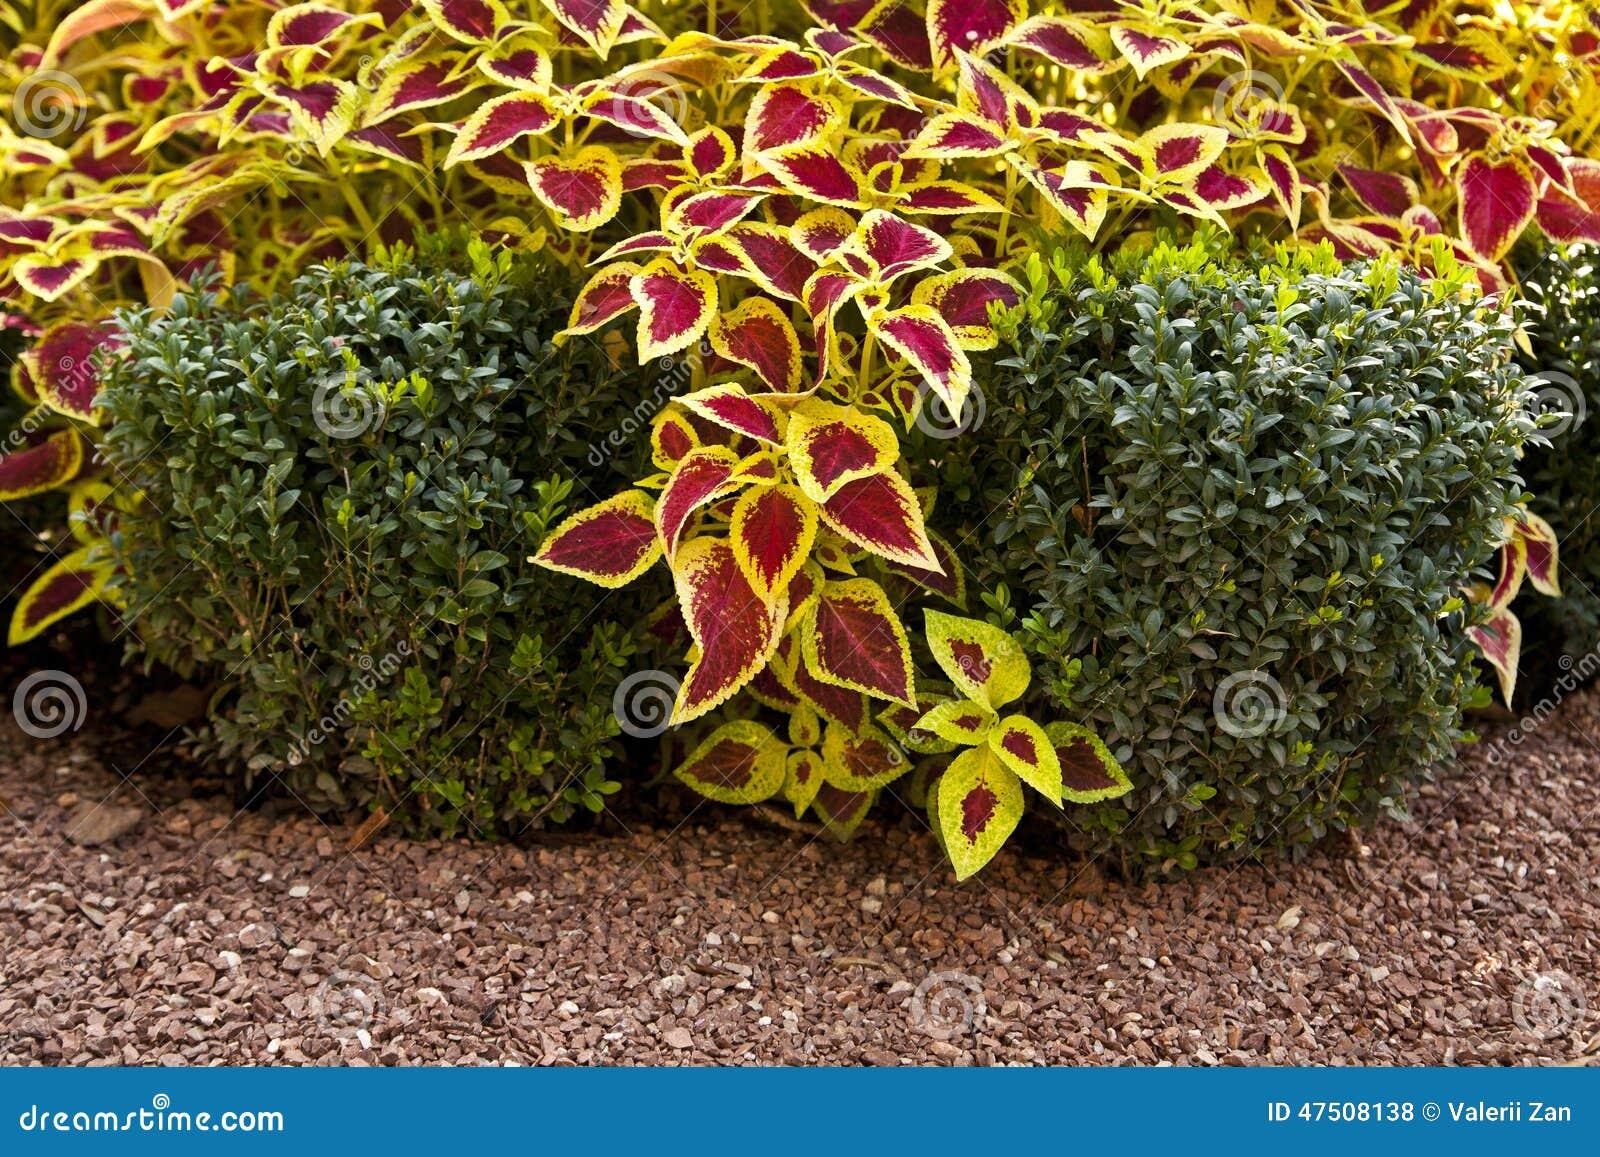 Arbustos ornamentales foto de archivo imagen de imagen for Arbustos ornamentales de exterior